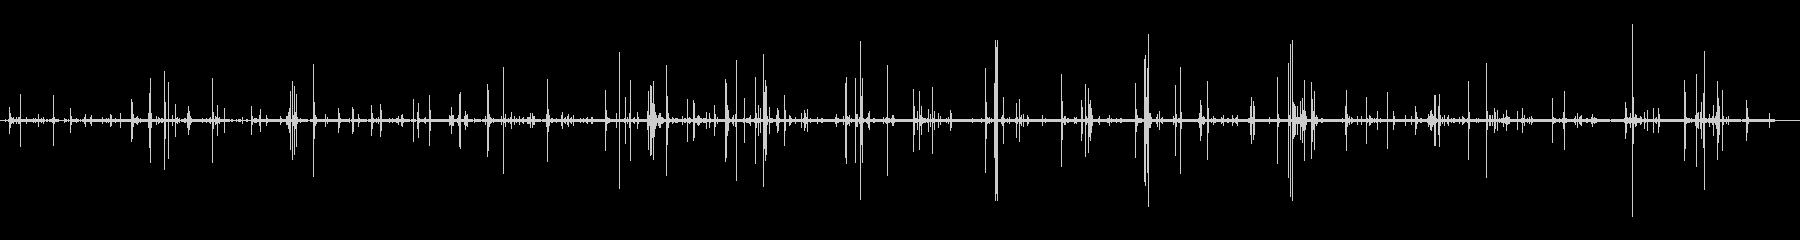 アスファルトの足跡の未再生の波形